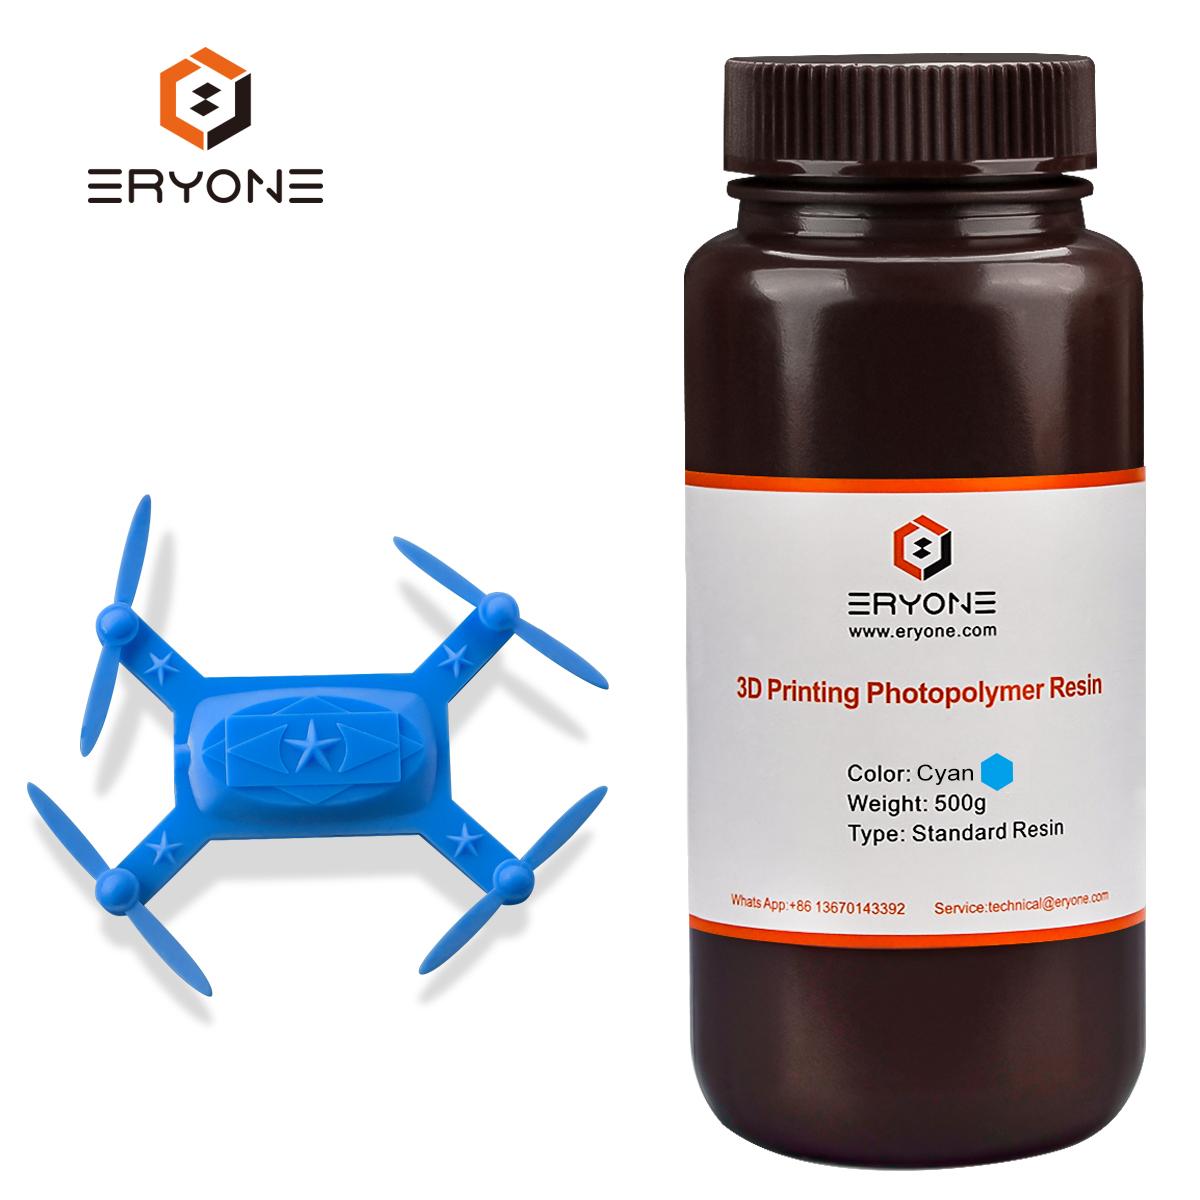 Eryone 405nm UV Faible Odeur Couleur Bleue 3D Imprimante Résine Résine Photopolymère Liquide pour LCD DLP 3D Imprimante Couleur De Mélange disponible